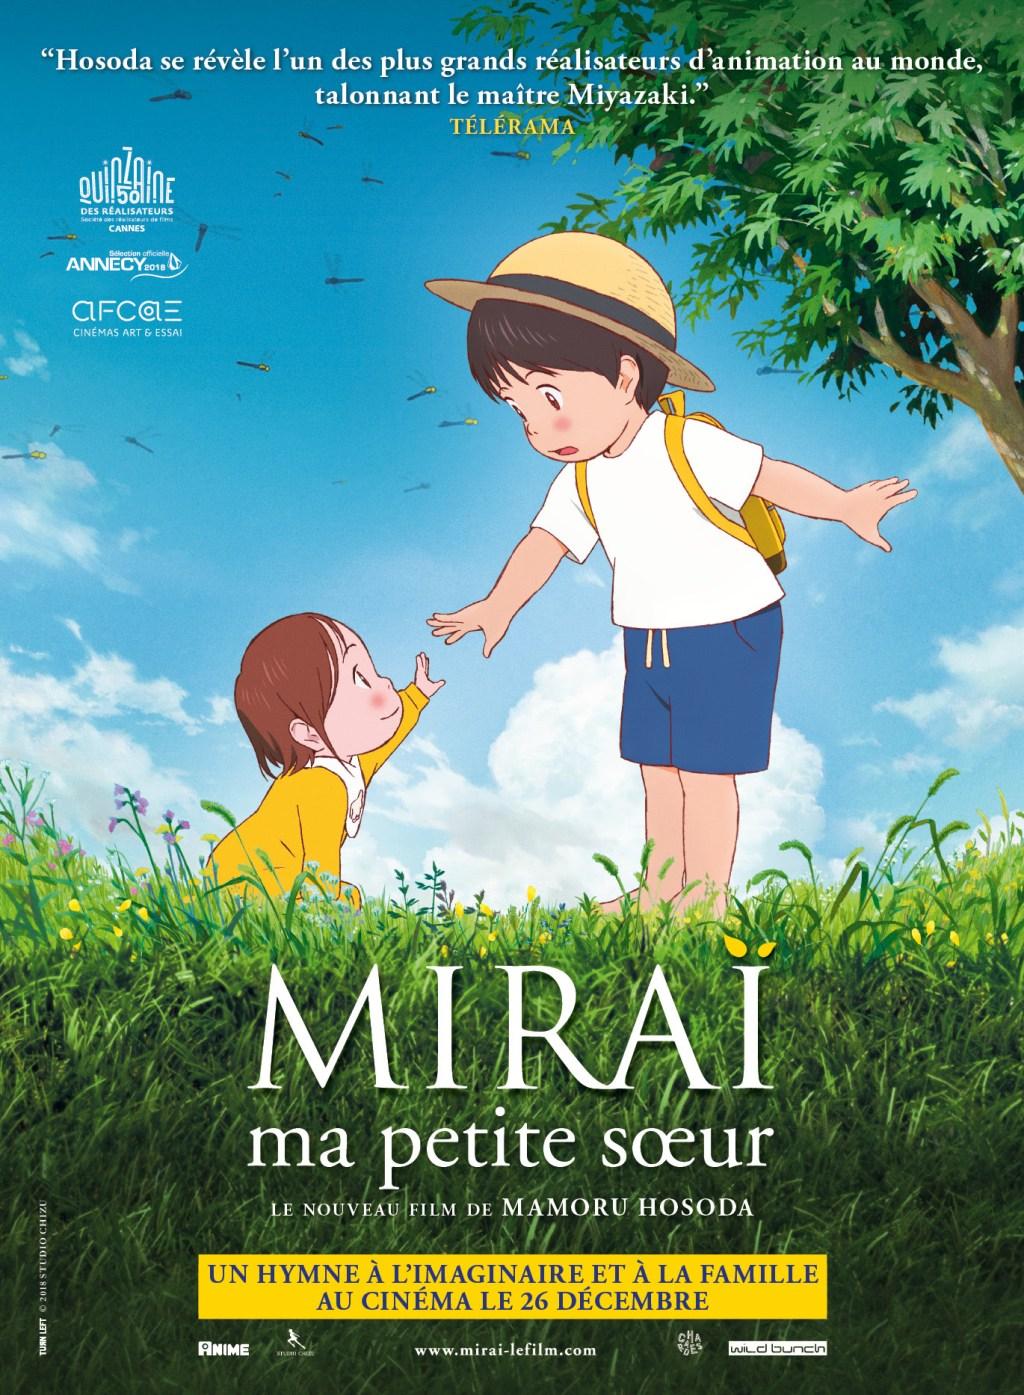 Critique Du Film Miraï Ma Petite Sœur Japon Cinema